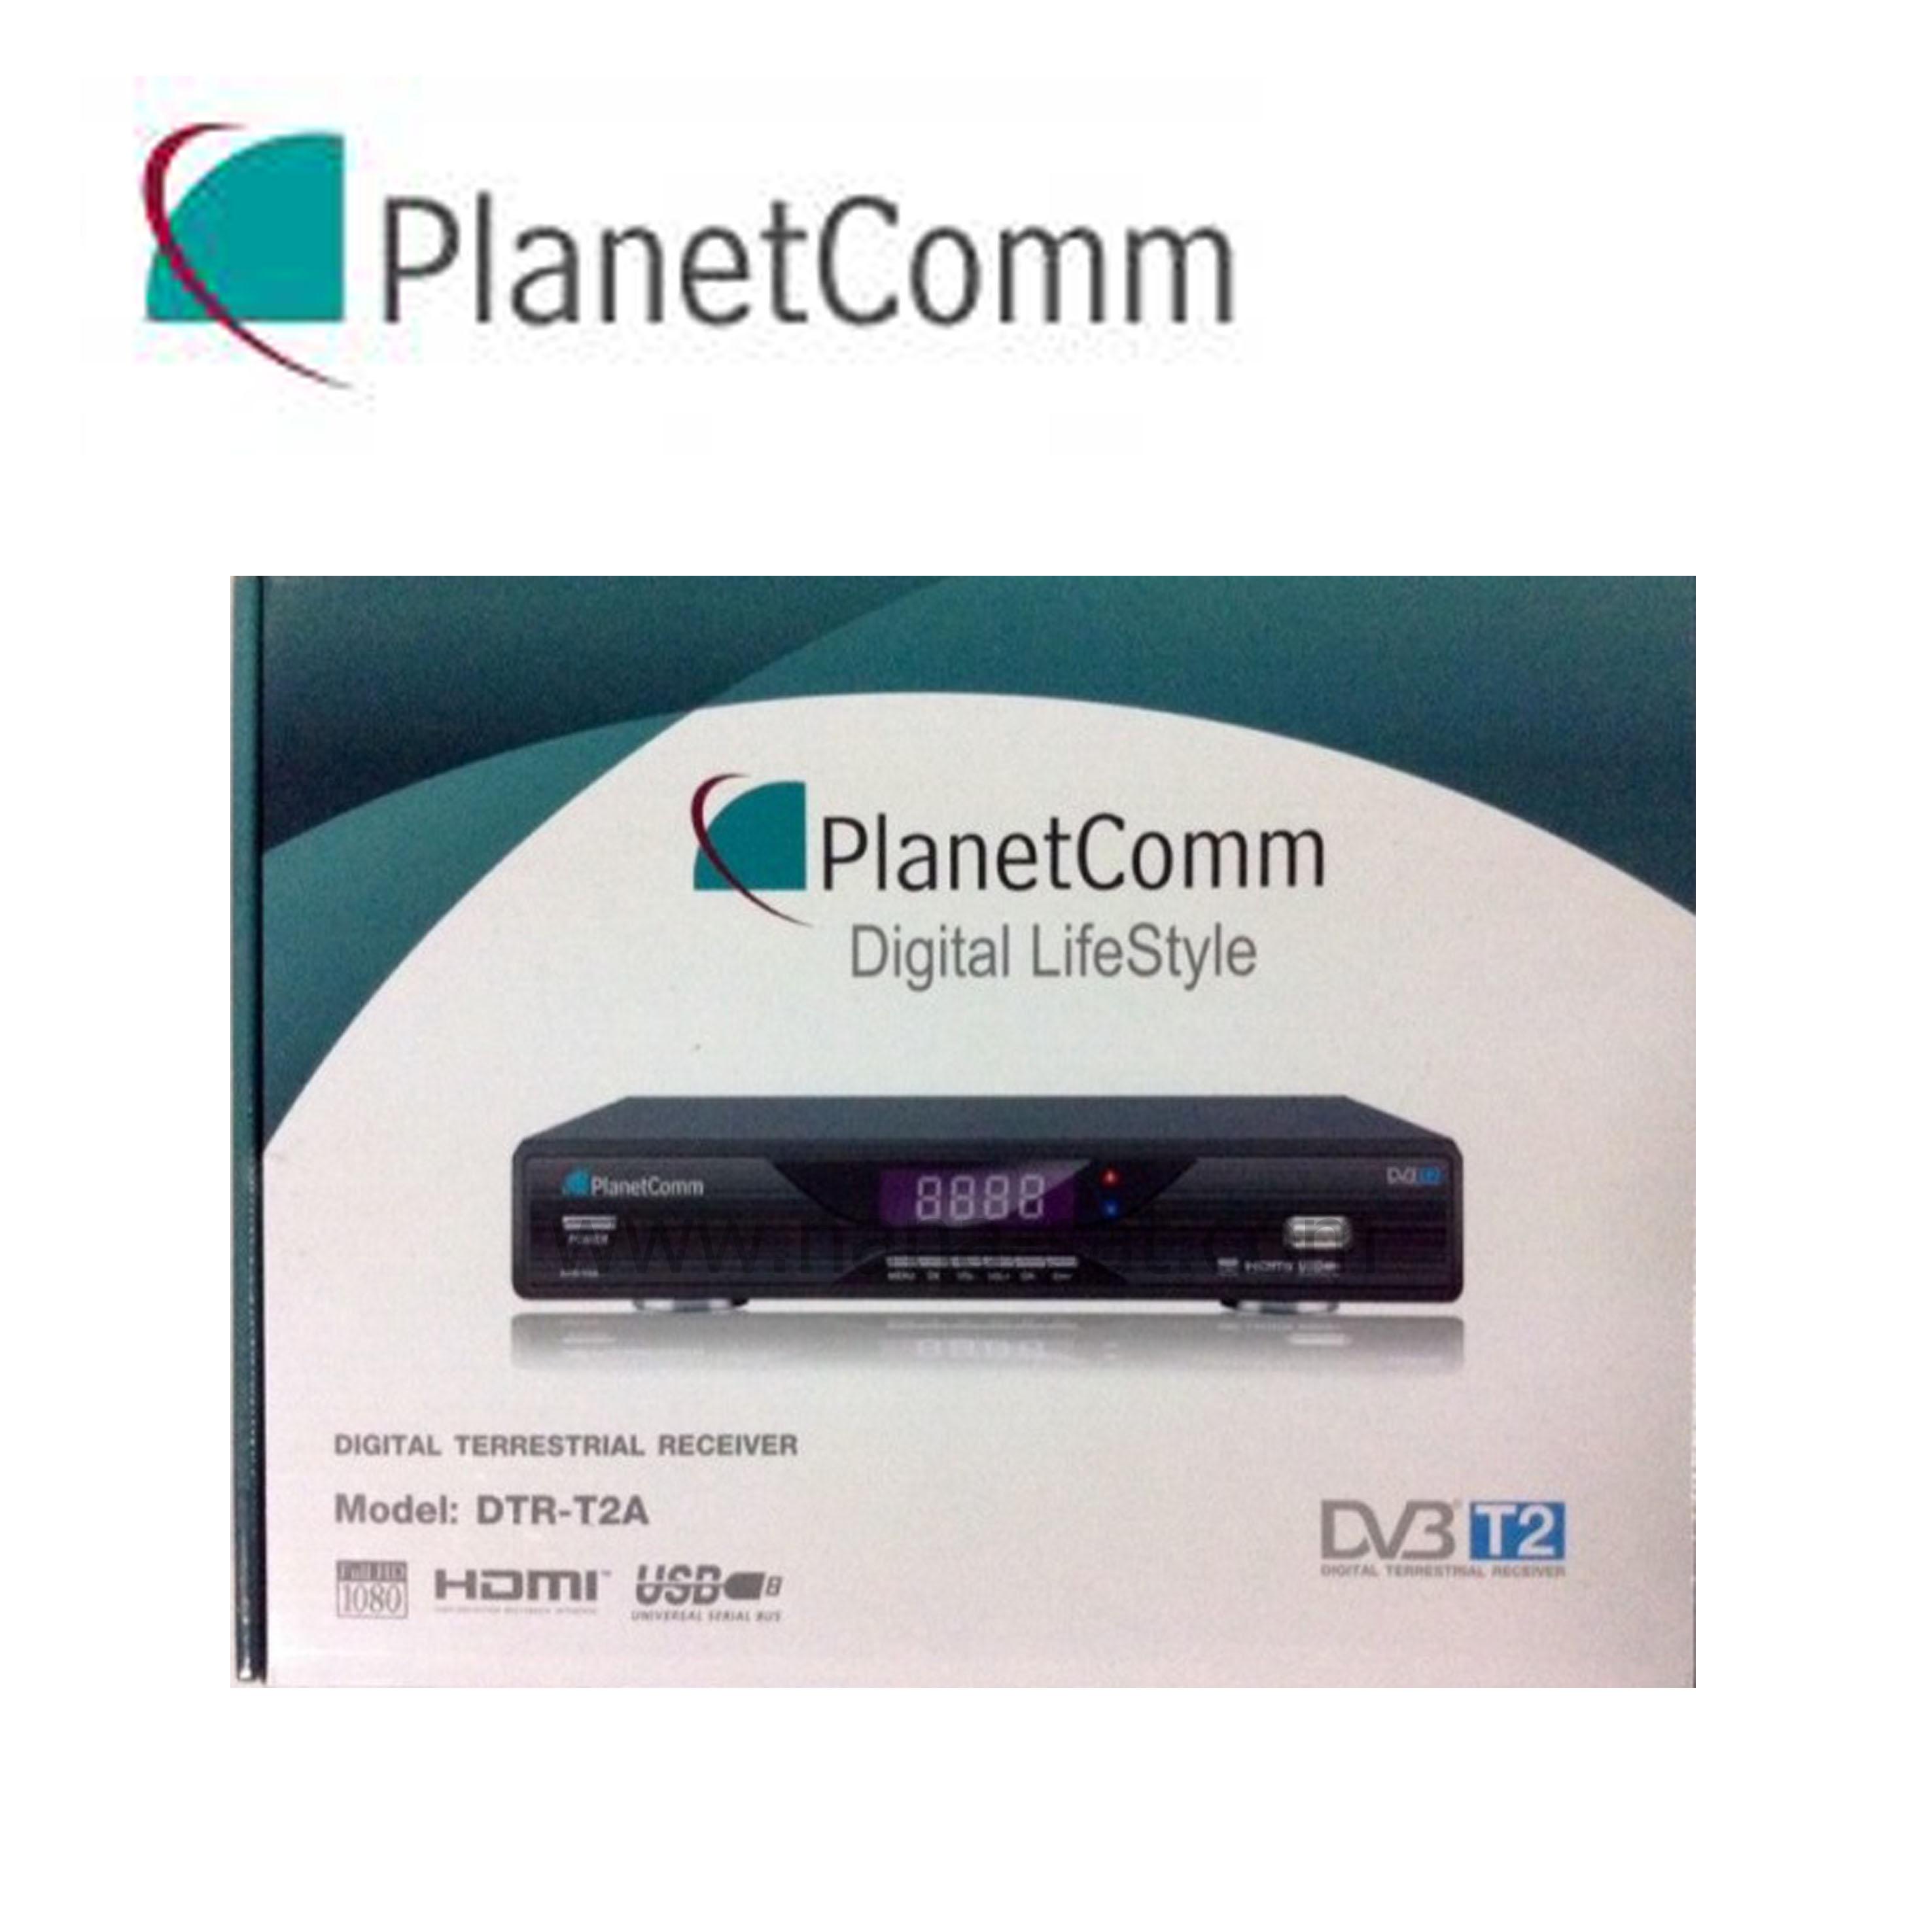 เครื่องรับสัญญาณทีวีดิจิตอล Planetcomm รุ่น DTR-T2A